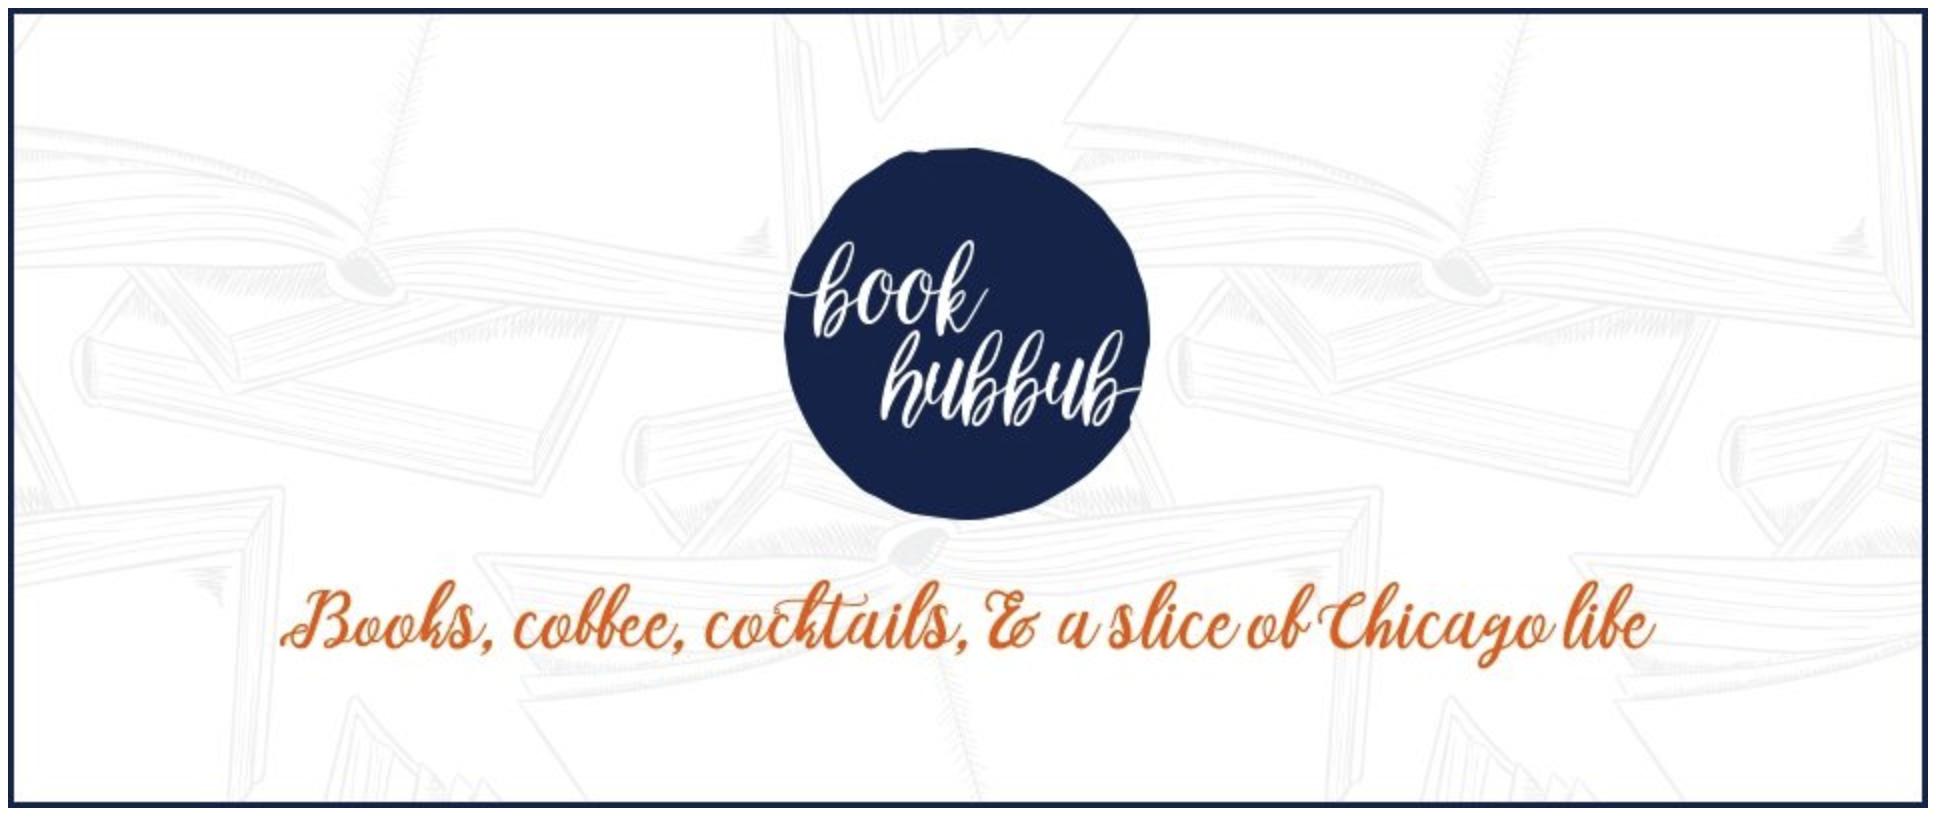 Book Hubbub